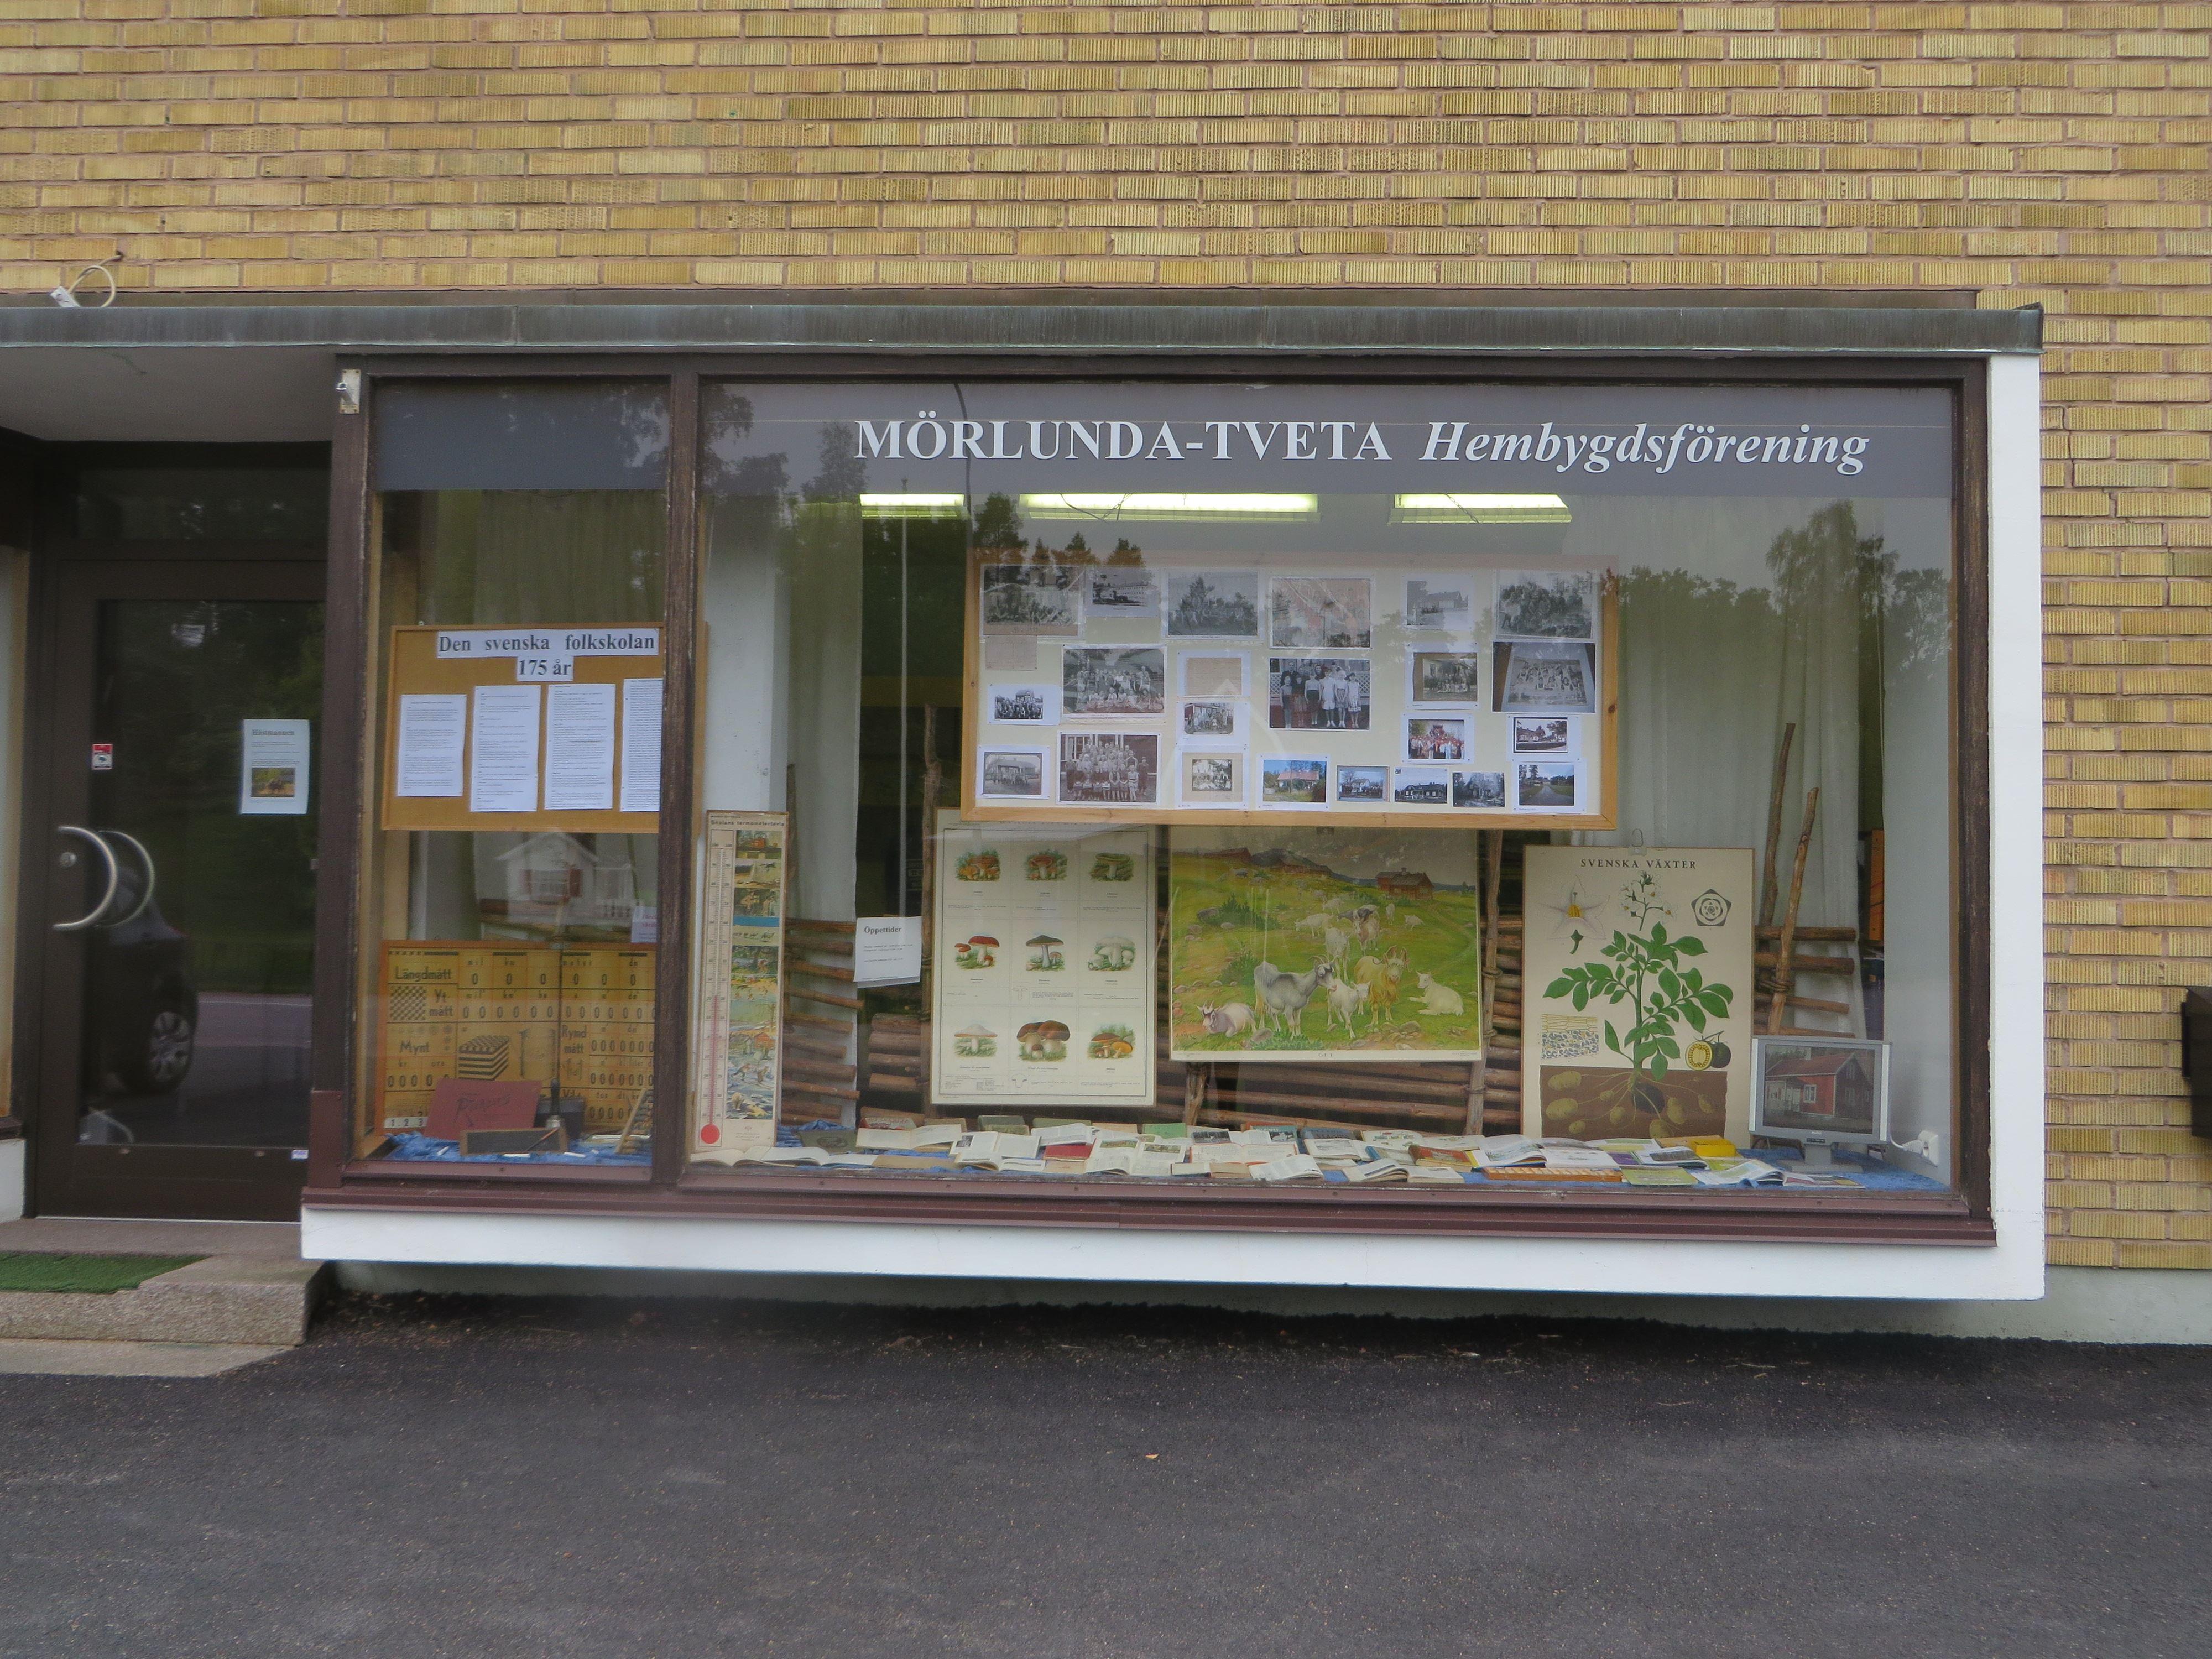 Öppet hus hos Mörlunda-Tveta hembygdsförening